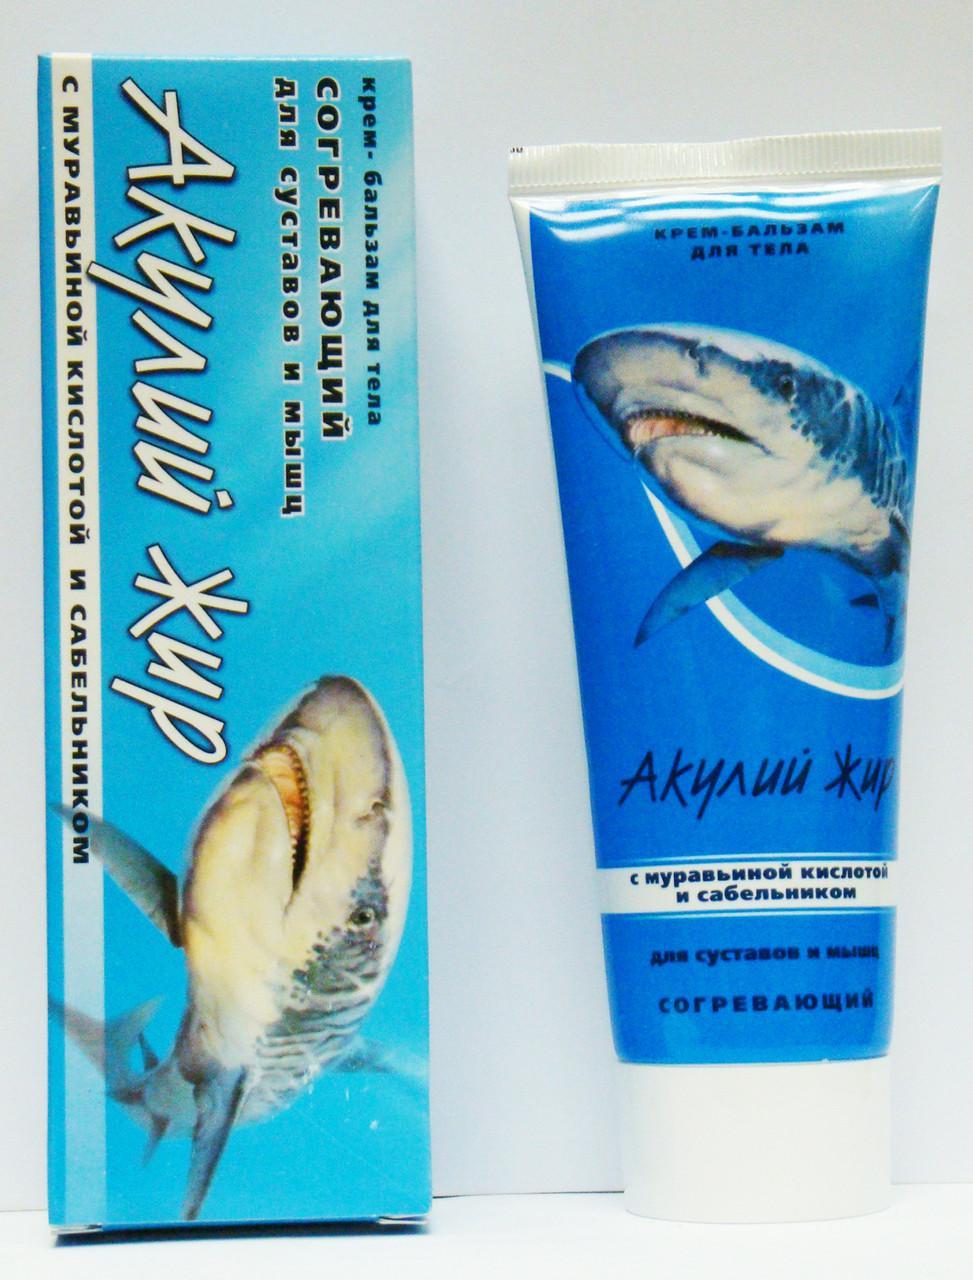 Акулячий жир з Мурашиною кислотою і сабельником для суглобів і м'язів, акулячий жир з мурашиною кислотою